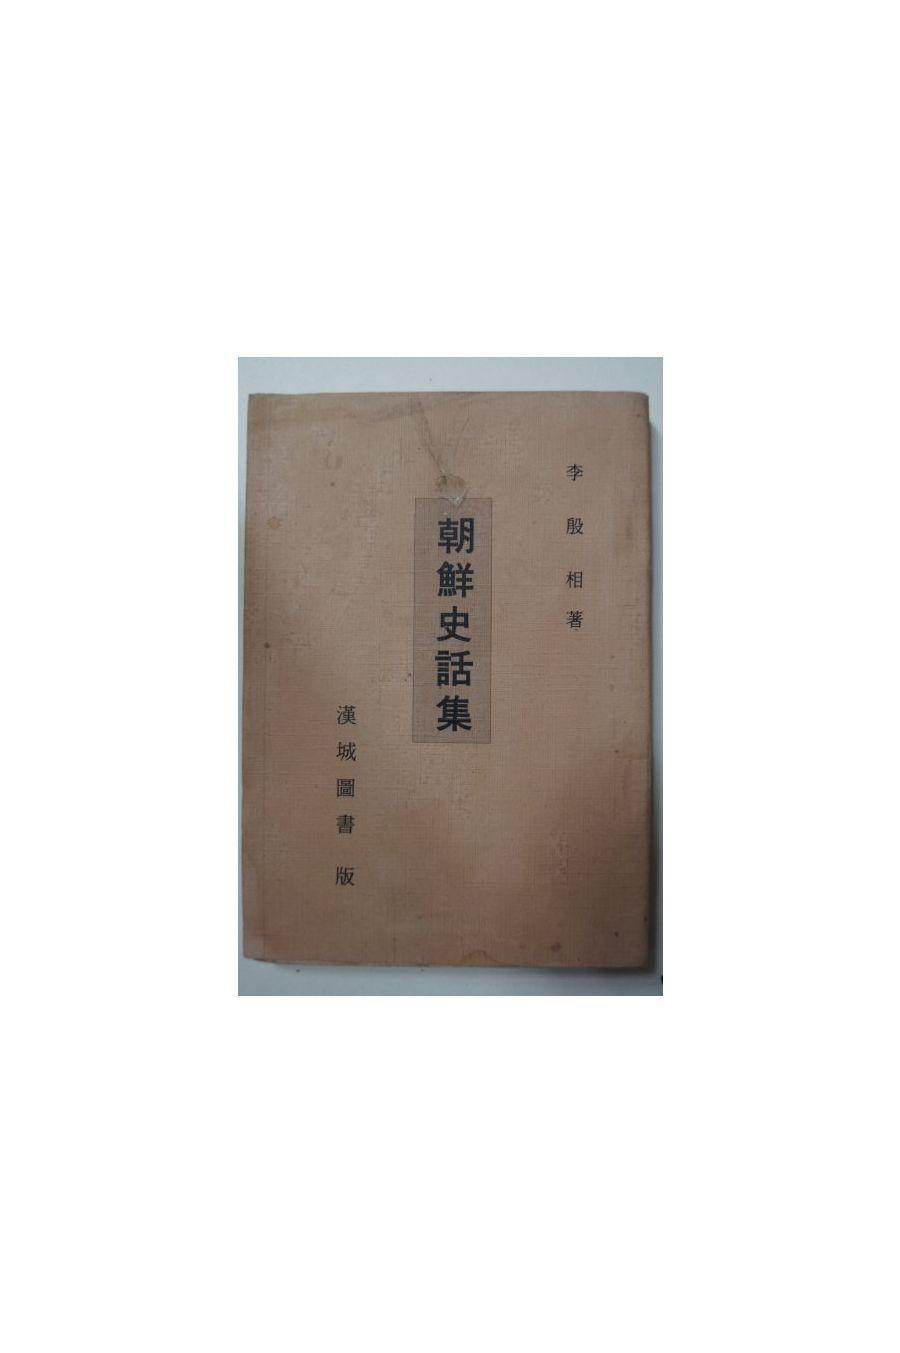 1949년 이은상(李殷相) 조선사화...